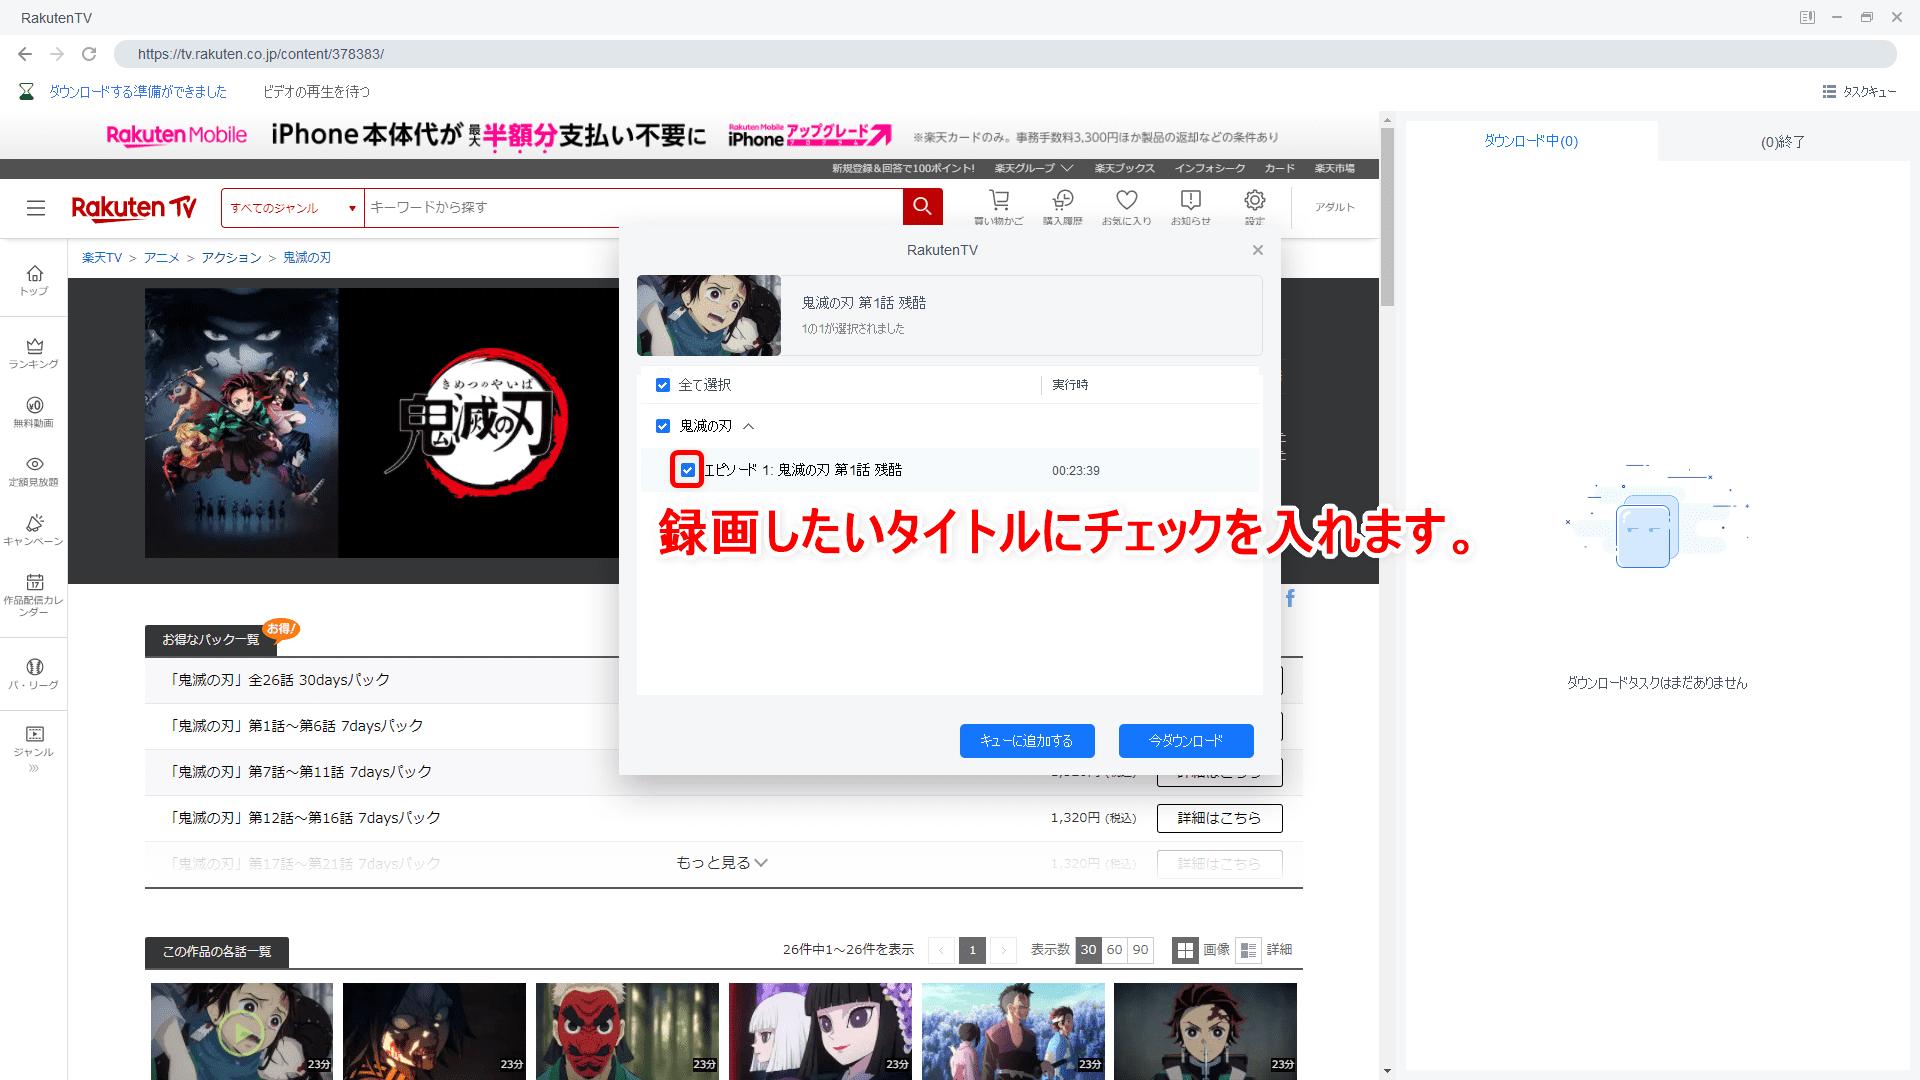 【楽天TVを録画する】あらゆる動画を録画ダウンロード!!楽天TVの動画コンテンツを画面録画する方法|保存した動画はスマホでオフライン再生可能!|録画方法:すると自動的に録画する動画コンテンツを選択できる画面が表示されるので、録画したいコンテンツを選択しましょう。